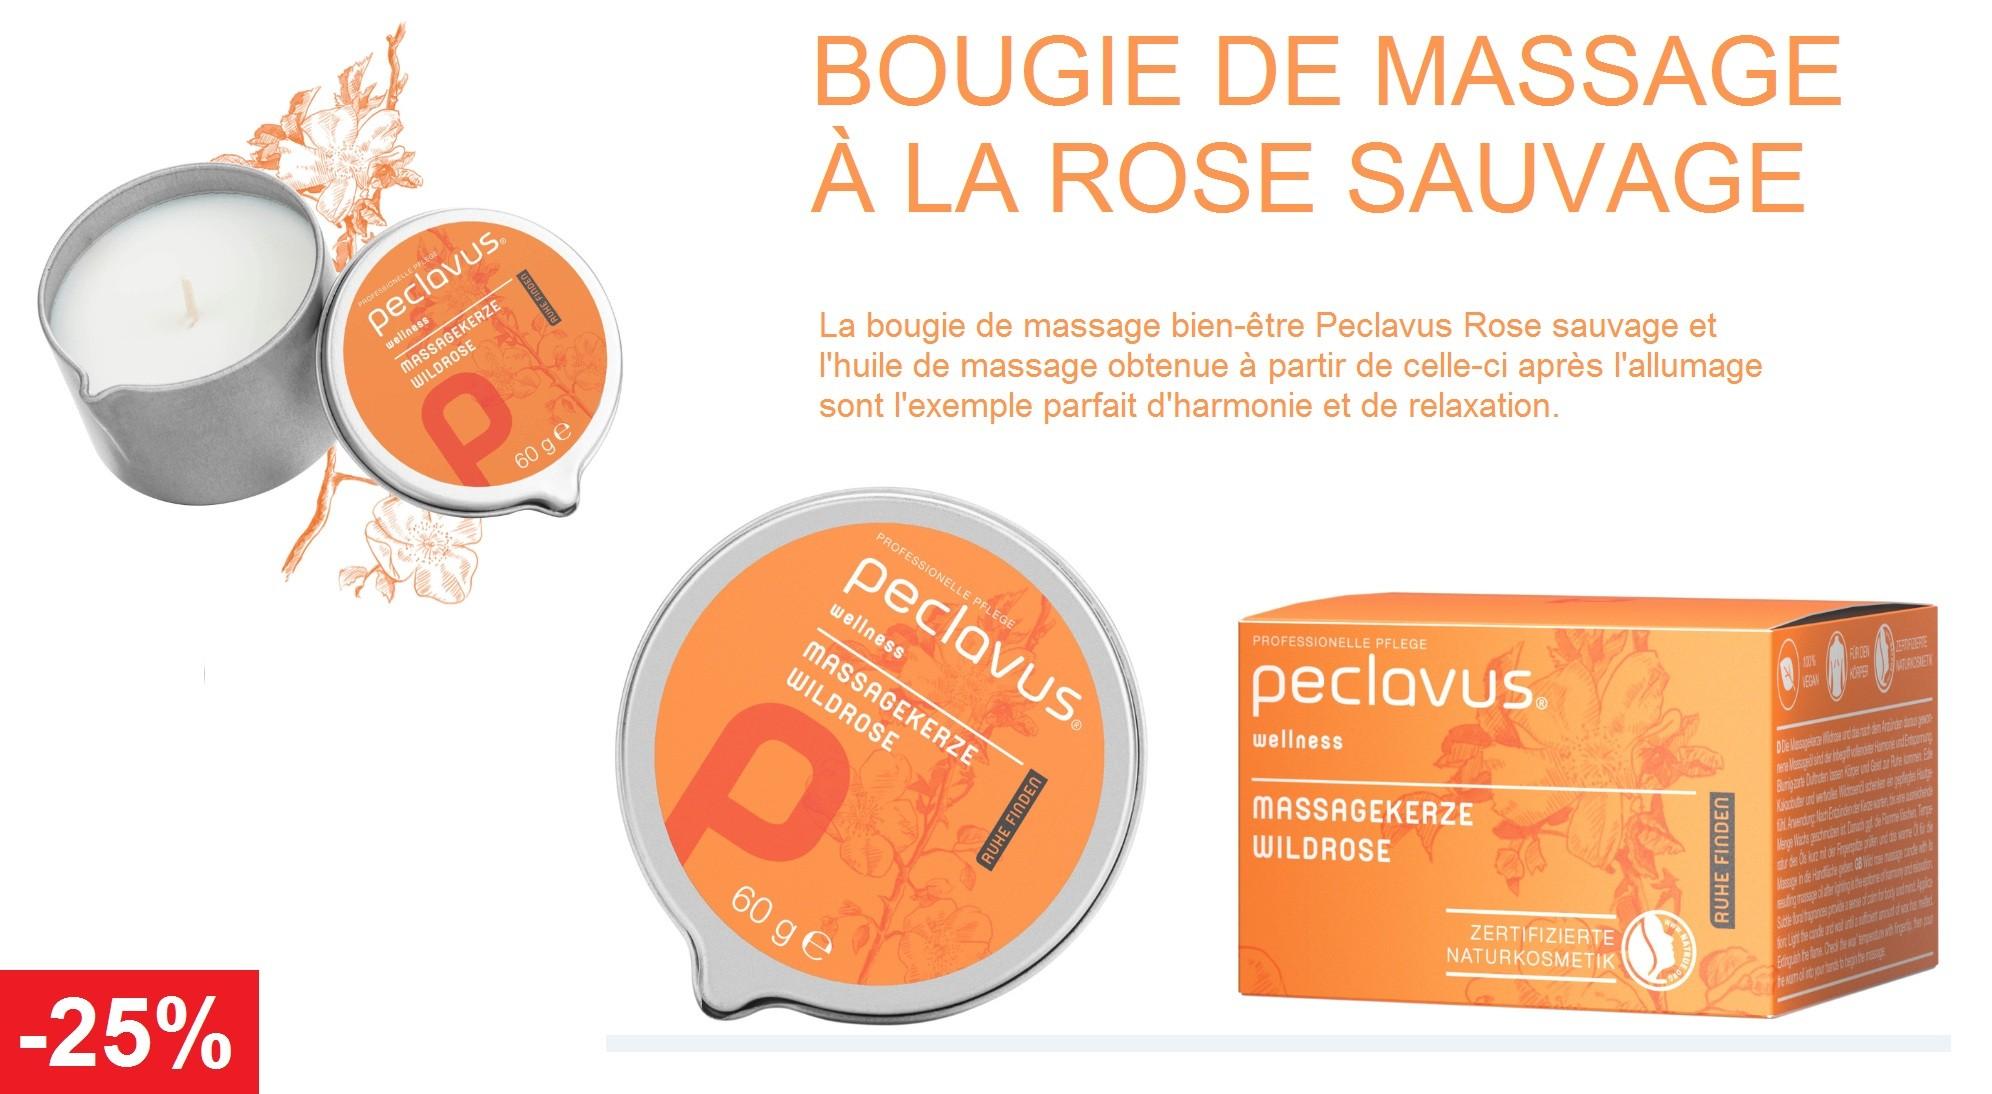 La bougie de massage bien-être Peclavus Rose sauvage et l'huile de massage obtenue à partir de celle-ci après l'allumage sont l'exemple parfait d'harmonie et de relaxation.